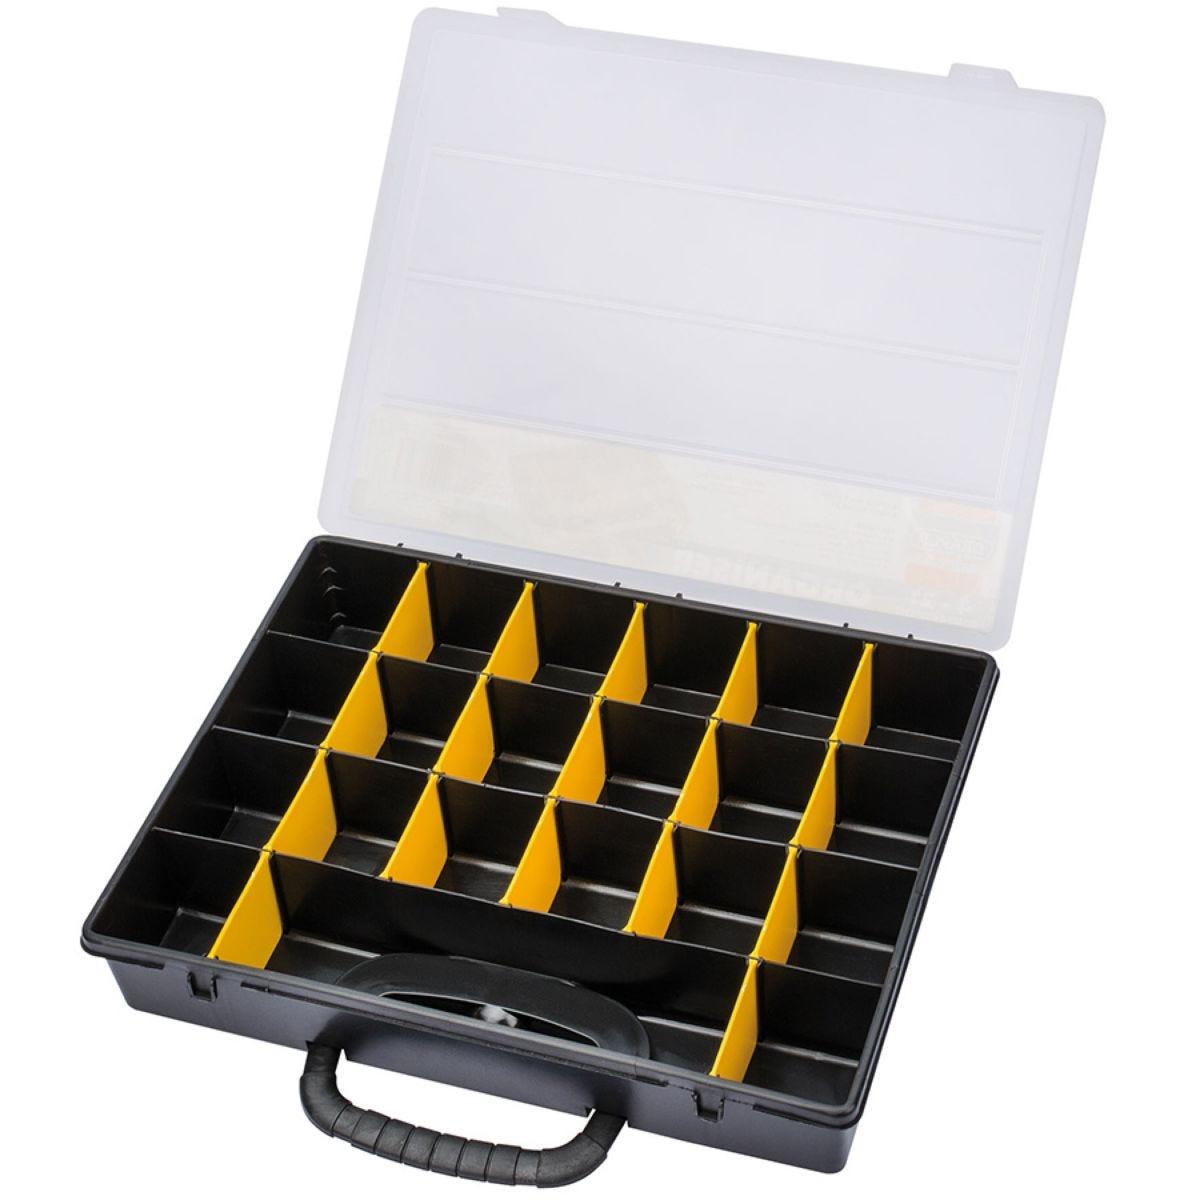 Draper Adjustable Organiser Tray